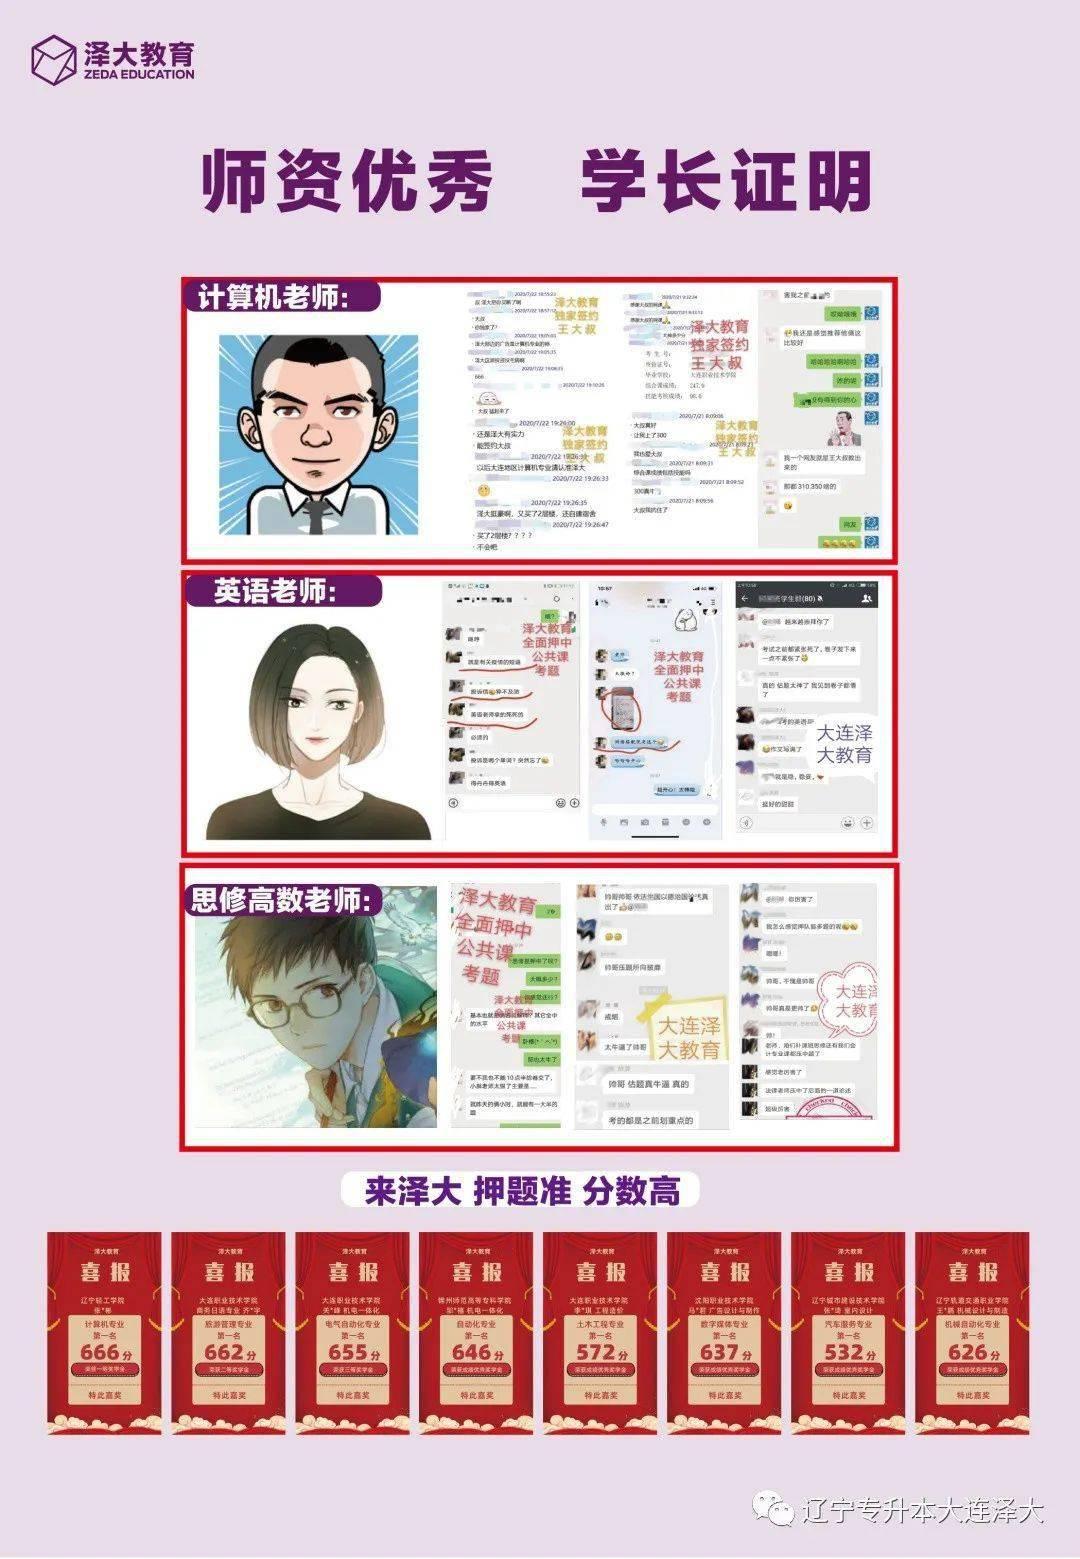 数字媒体艺术专业寒假班课程摆设-八戒体育官方网站(图3)